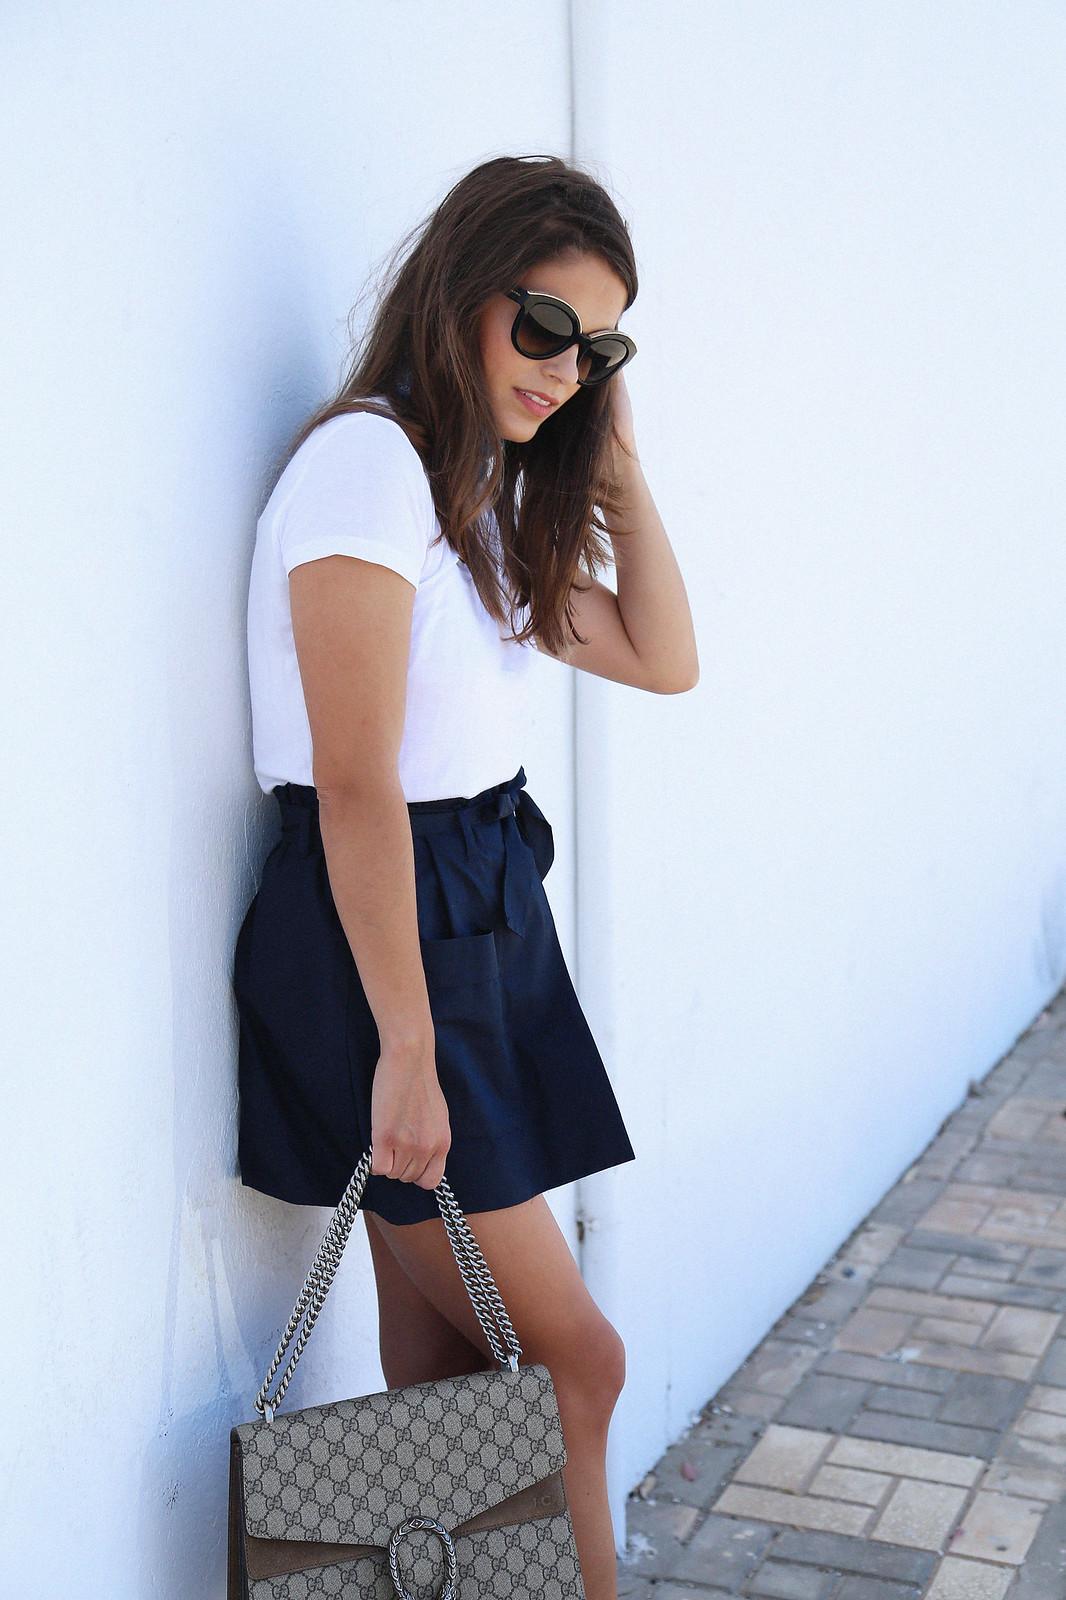 jessie chanes seams for a desire blue skort white tshirt wooden wedges sandals-12